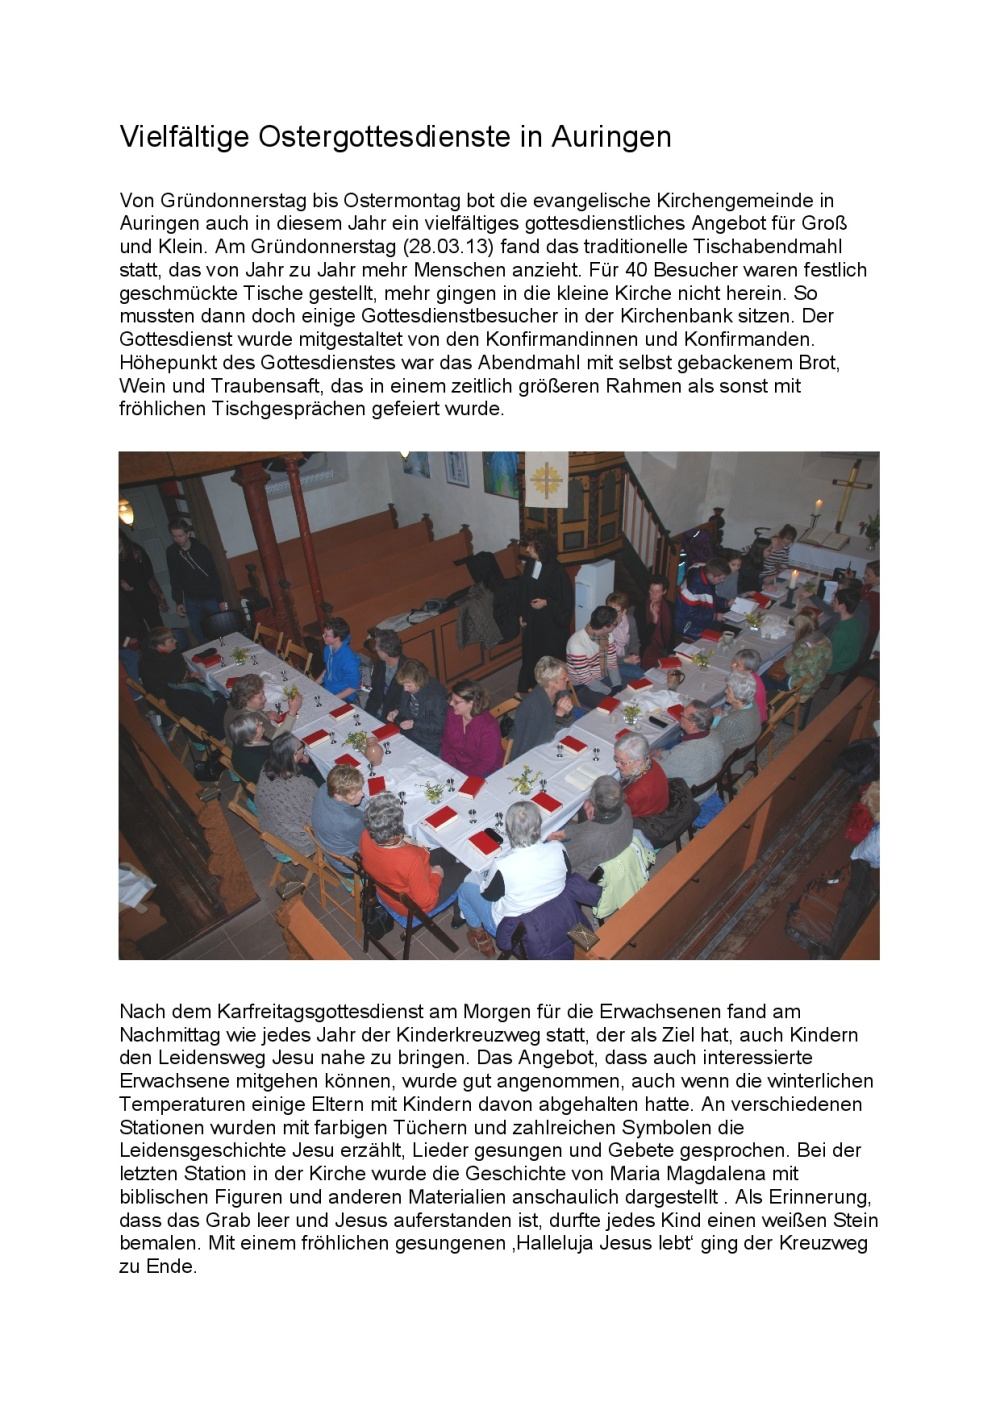 11-Ostergottesdienste 28.03.-01.04.13-001